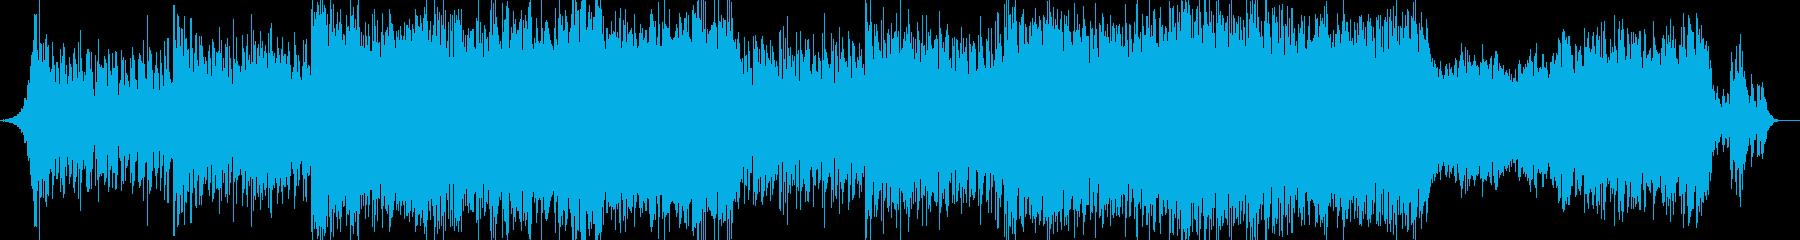 ドラマチックな展開のエレクトロニカBGMの再生済みの波形